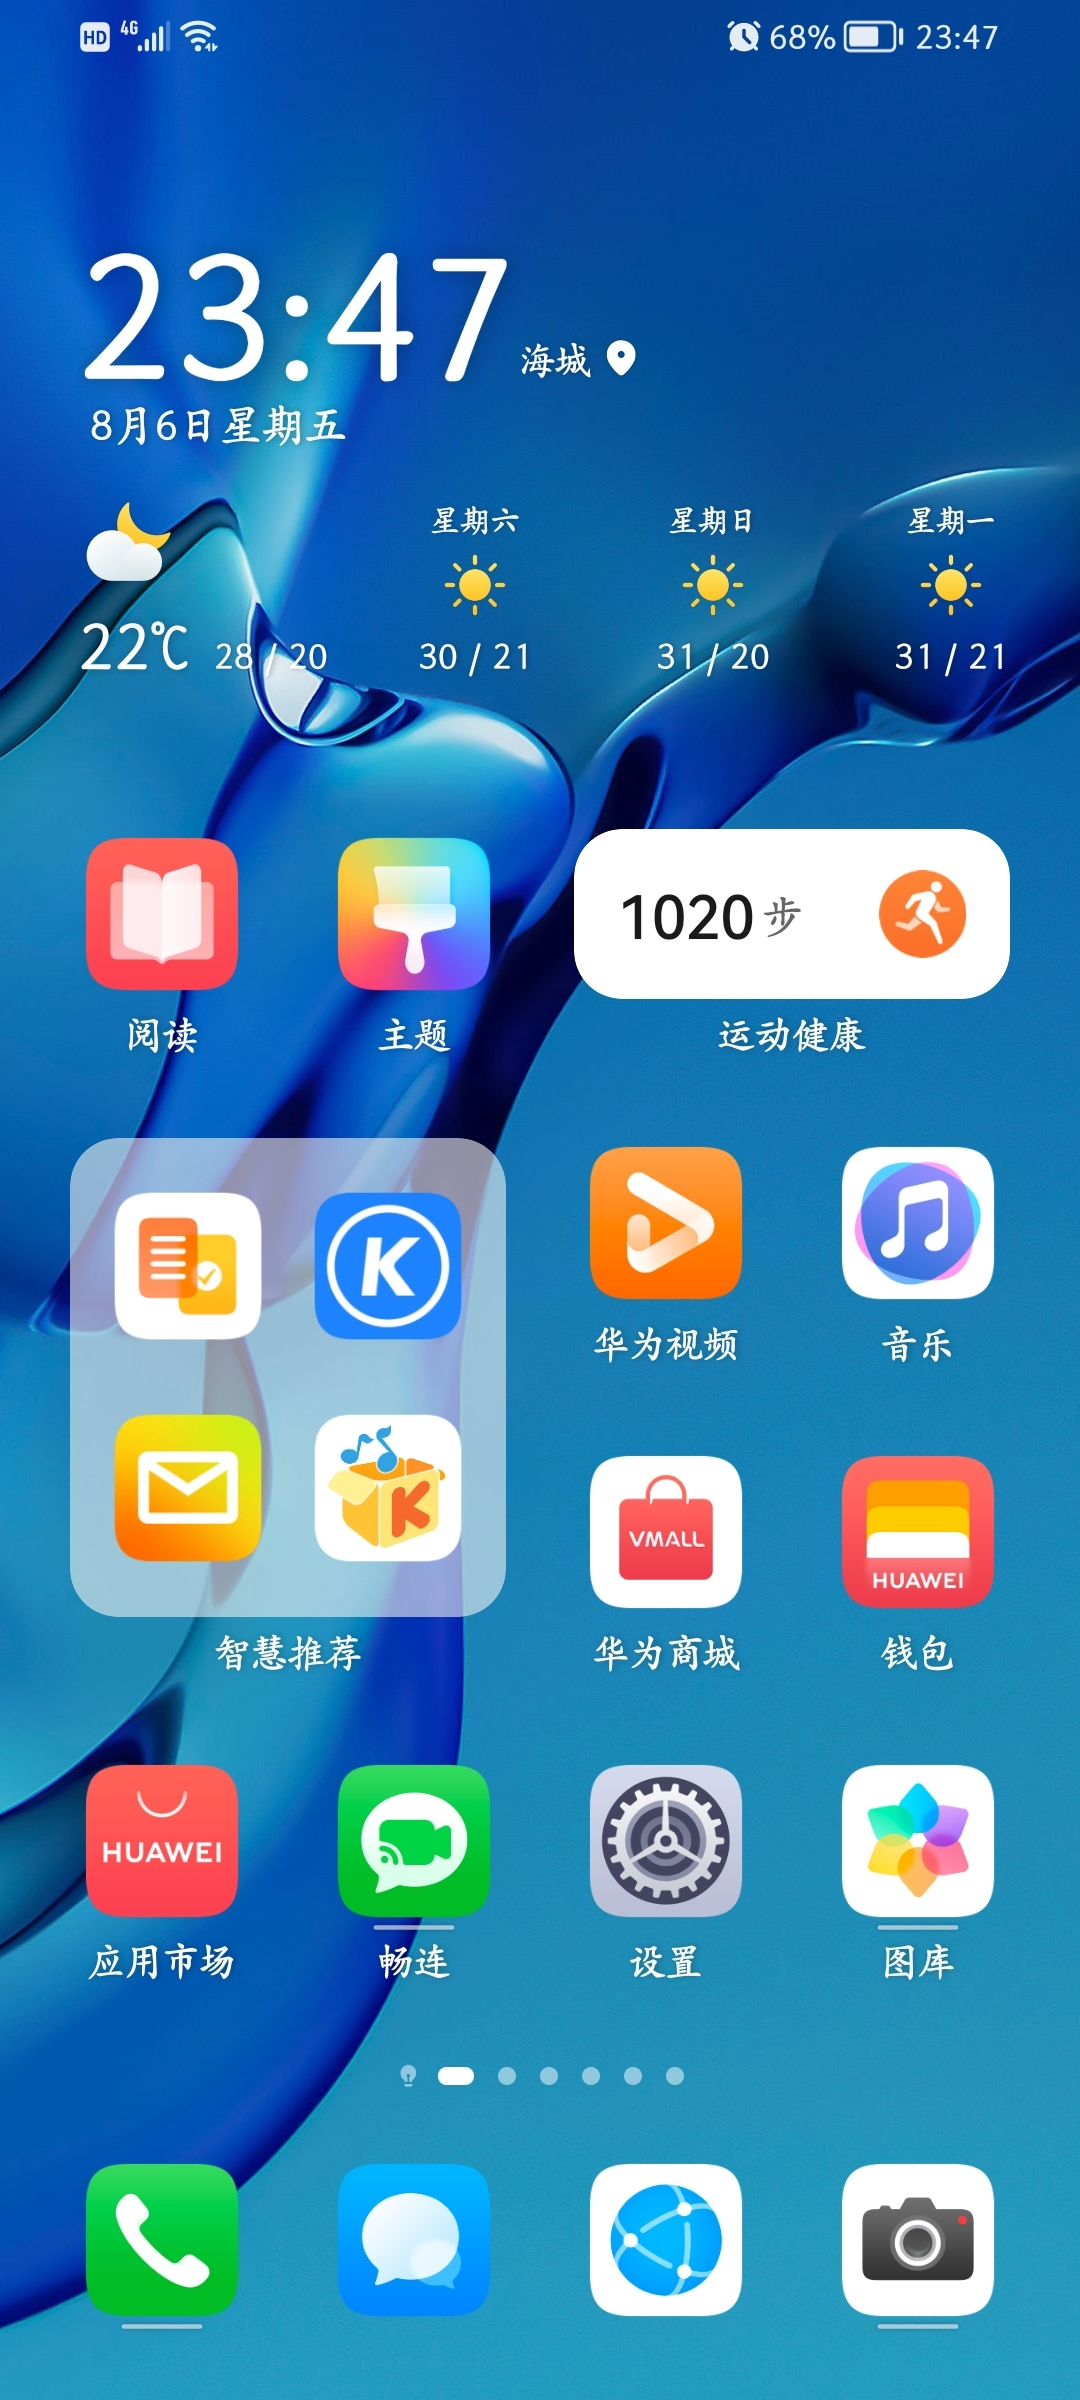 Screenshot_20210806_234709_com.huawei.android.launcher.jpg